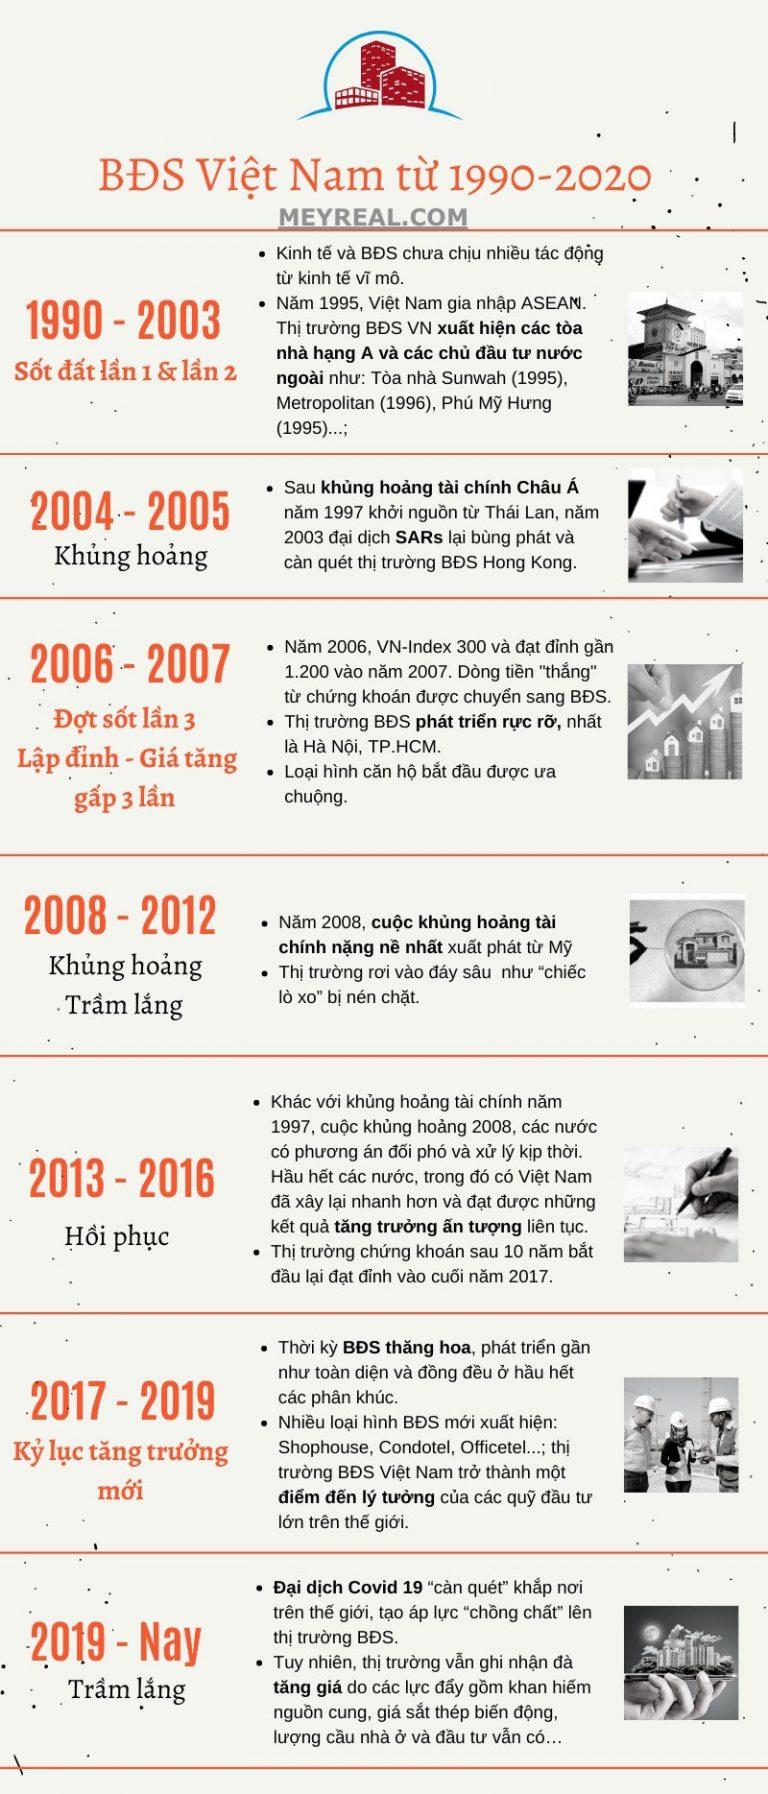 sơ lược BĐS Việt nam